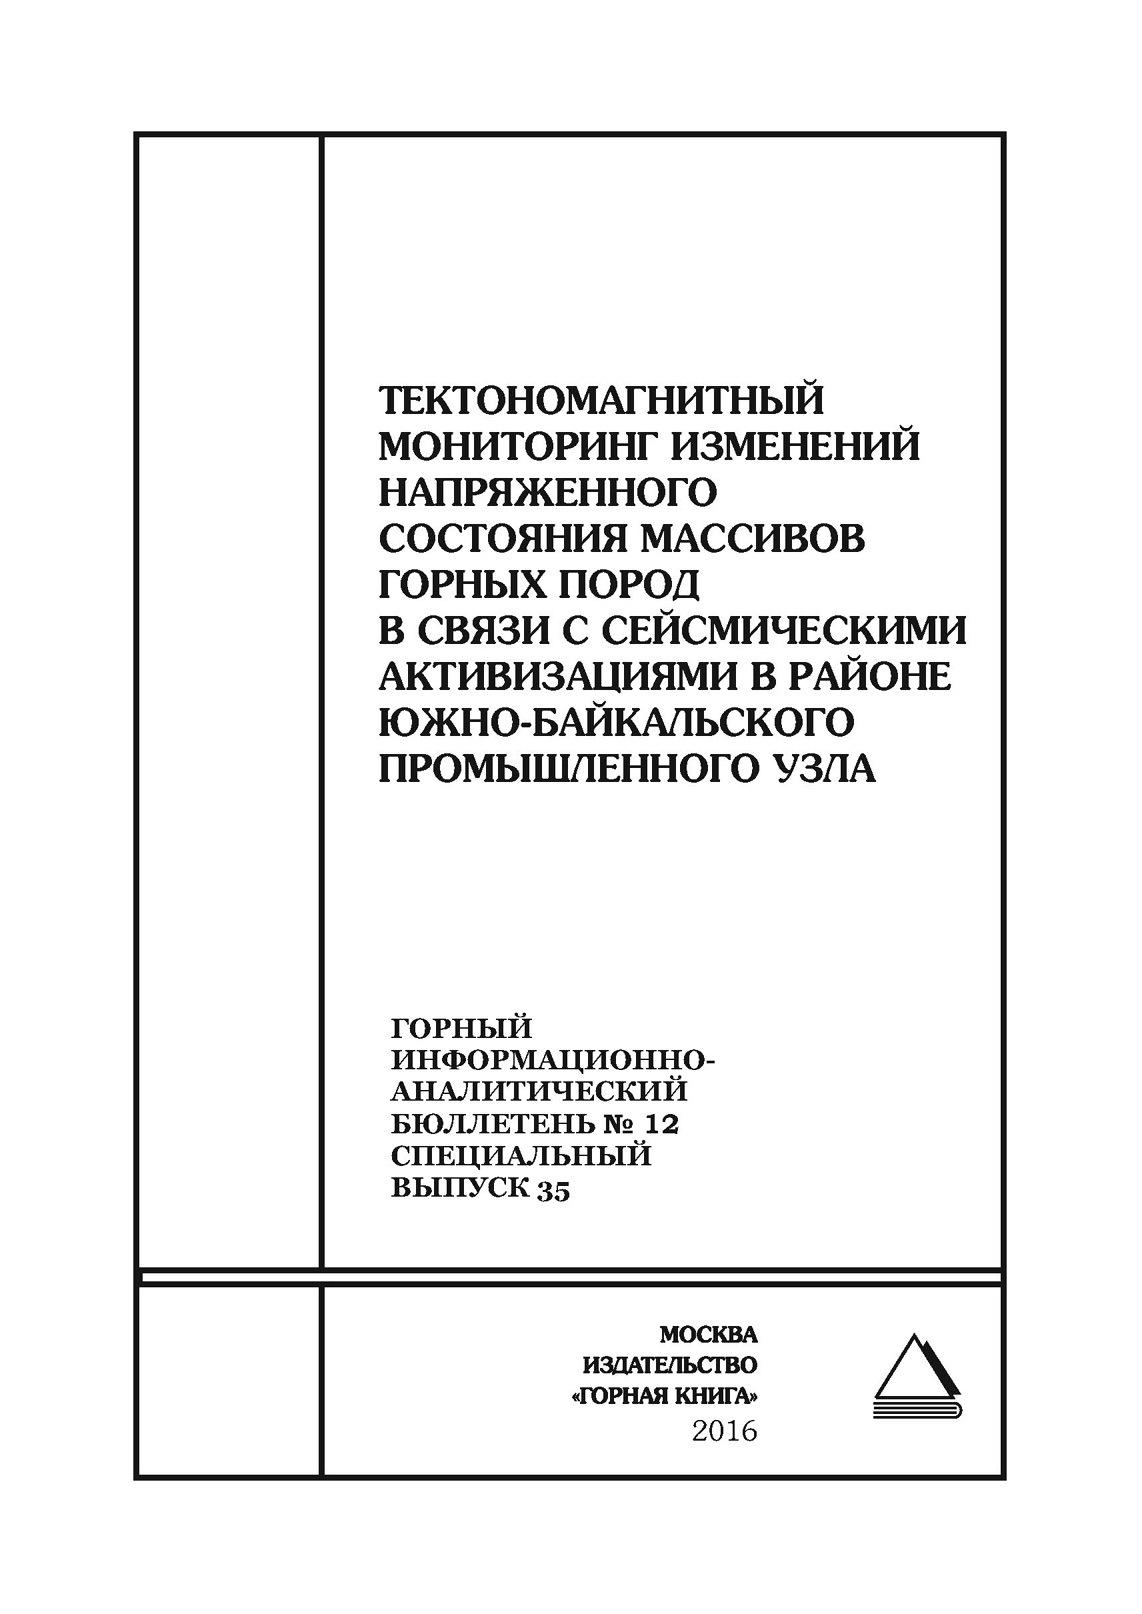 Тектономагнитный мониторинг изменений напряженного состояния массивов горных пород в связи с сейсмическими активизациями в районе Южно-Байкальского промышленного узла